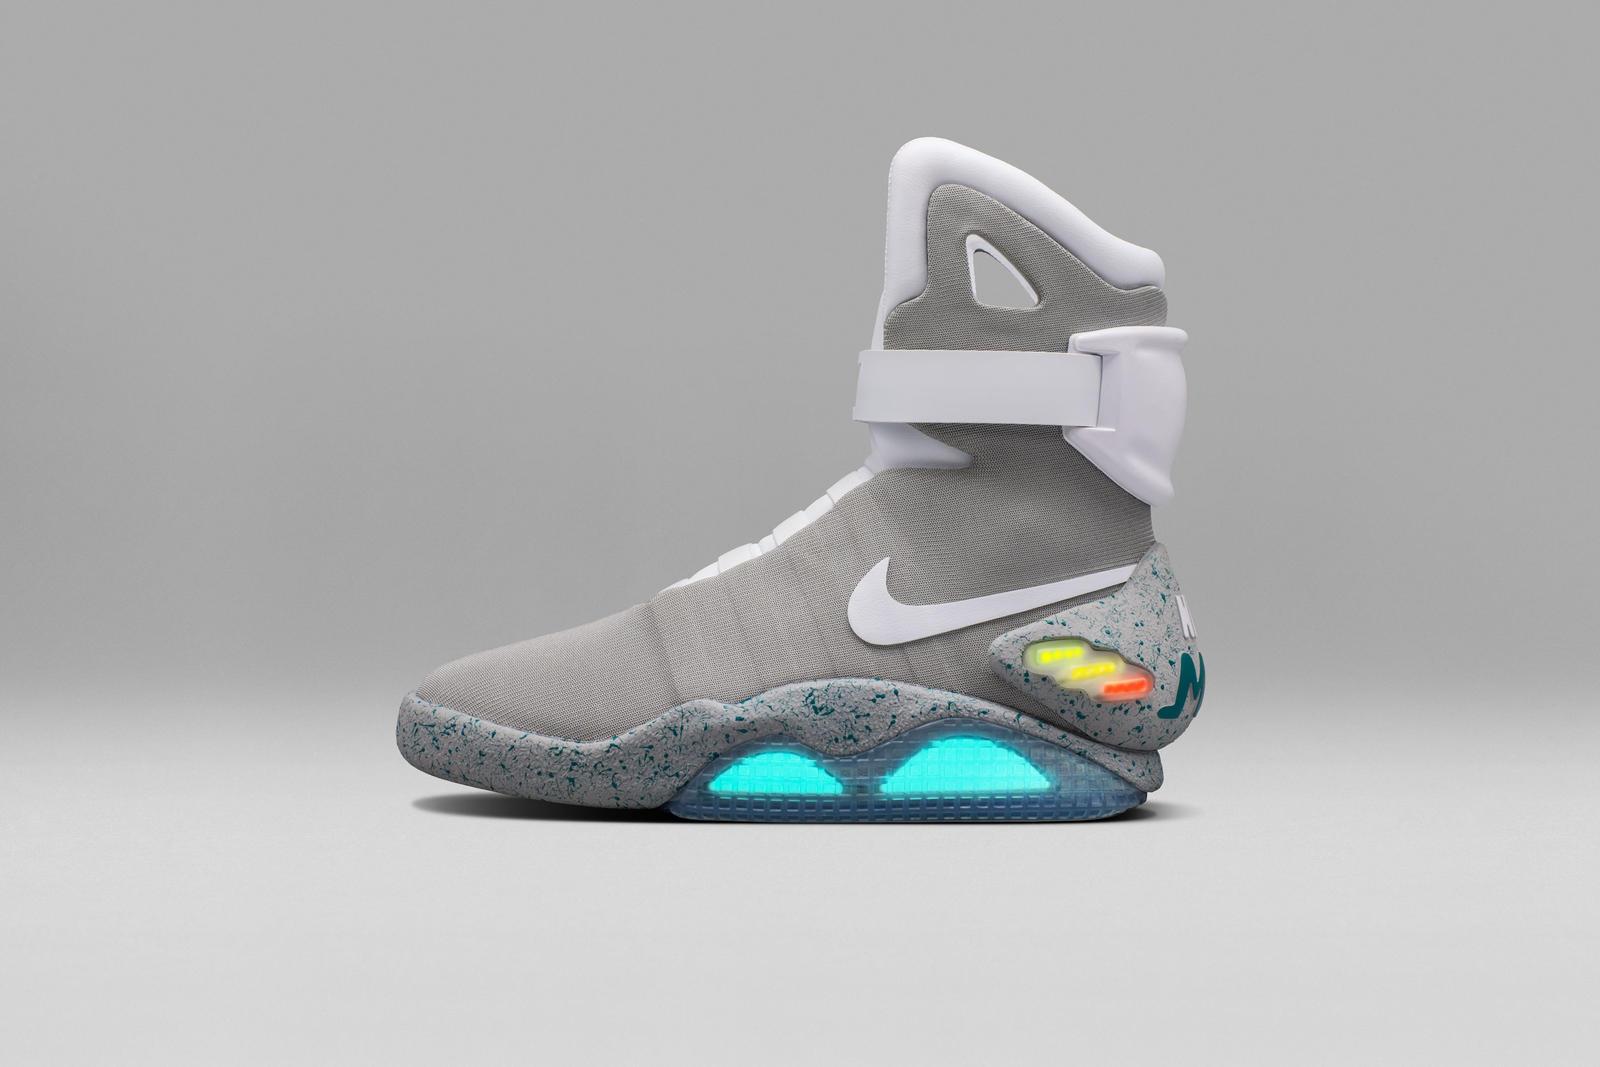 Nike Athletic Training Shoes